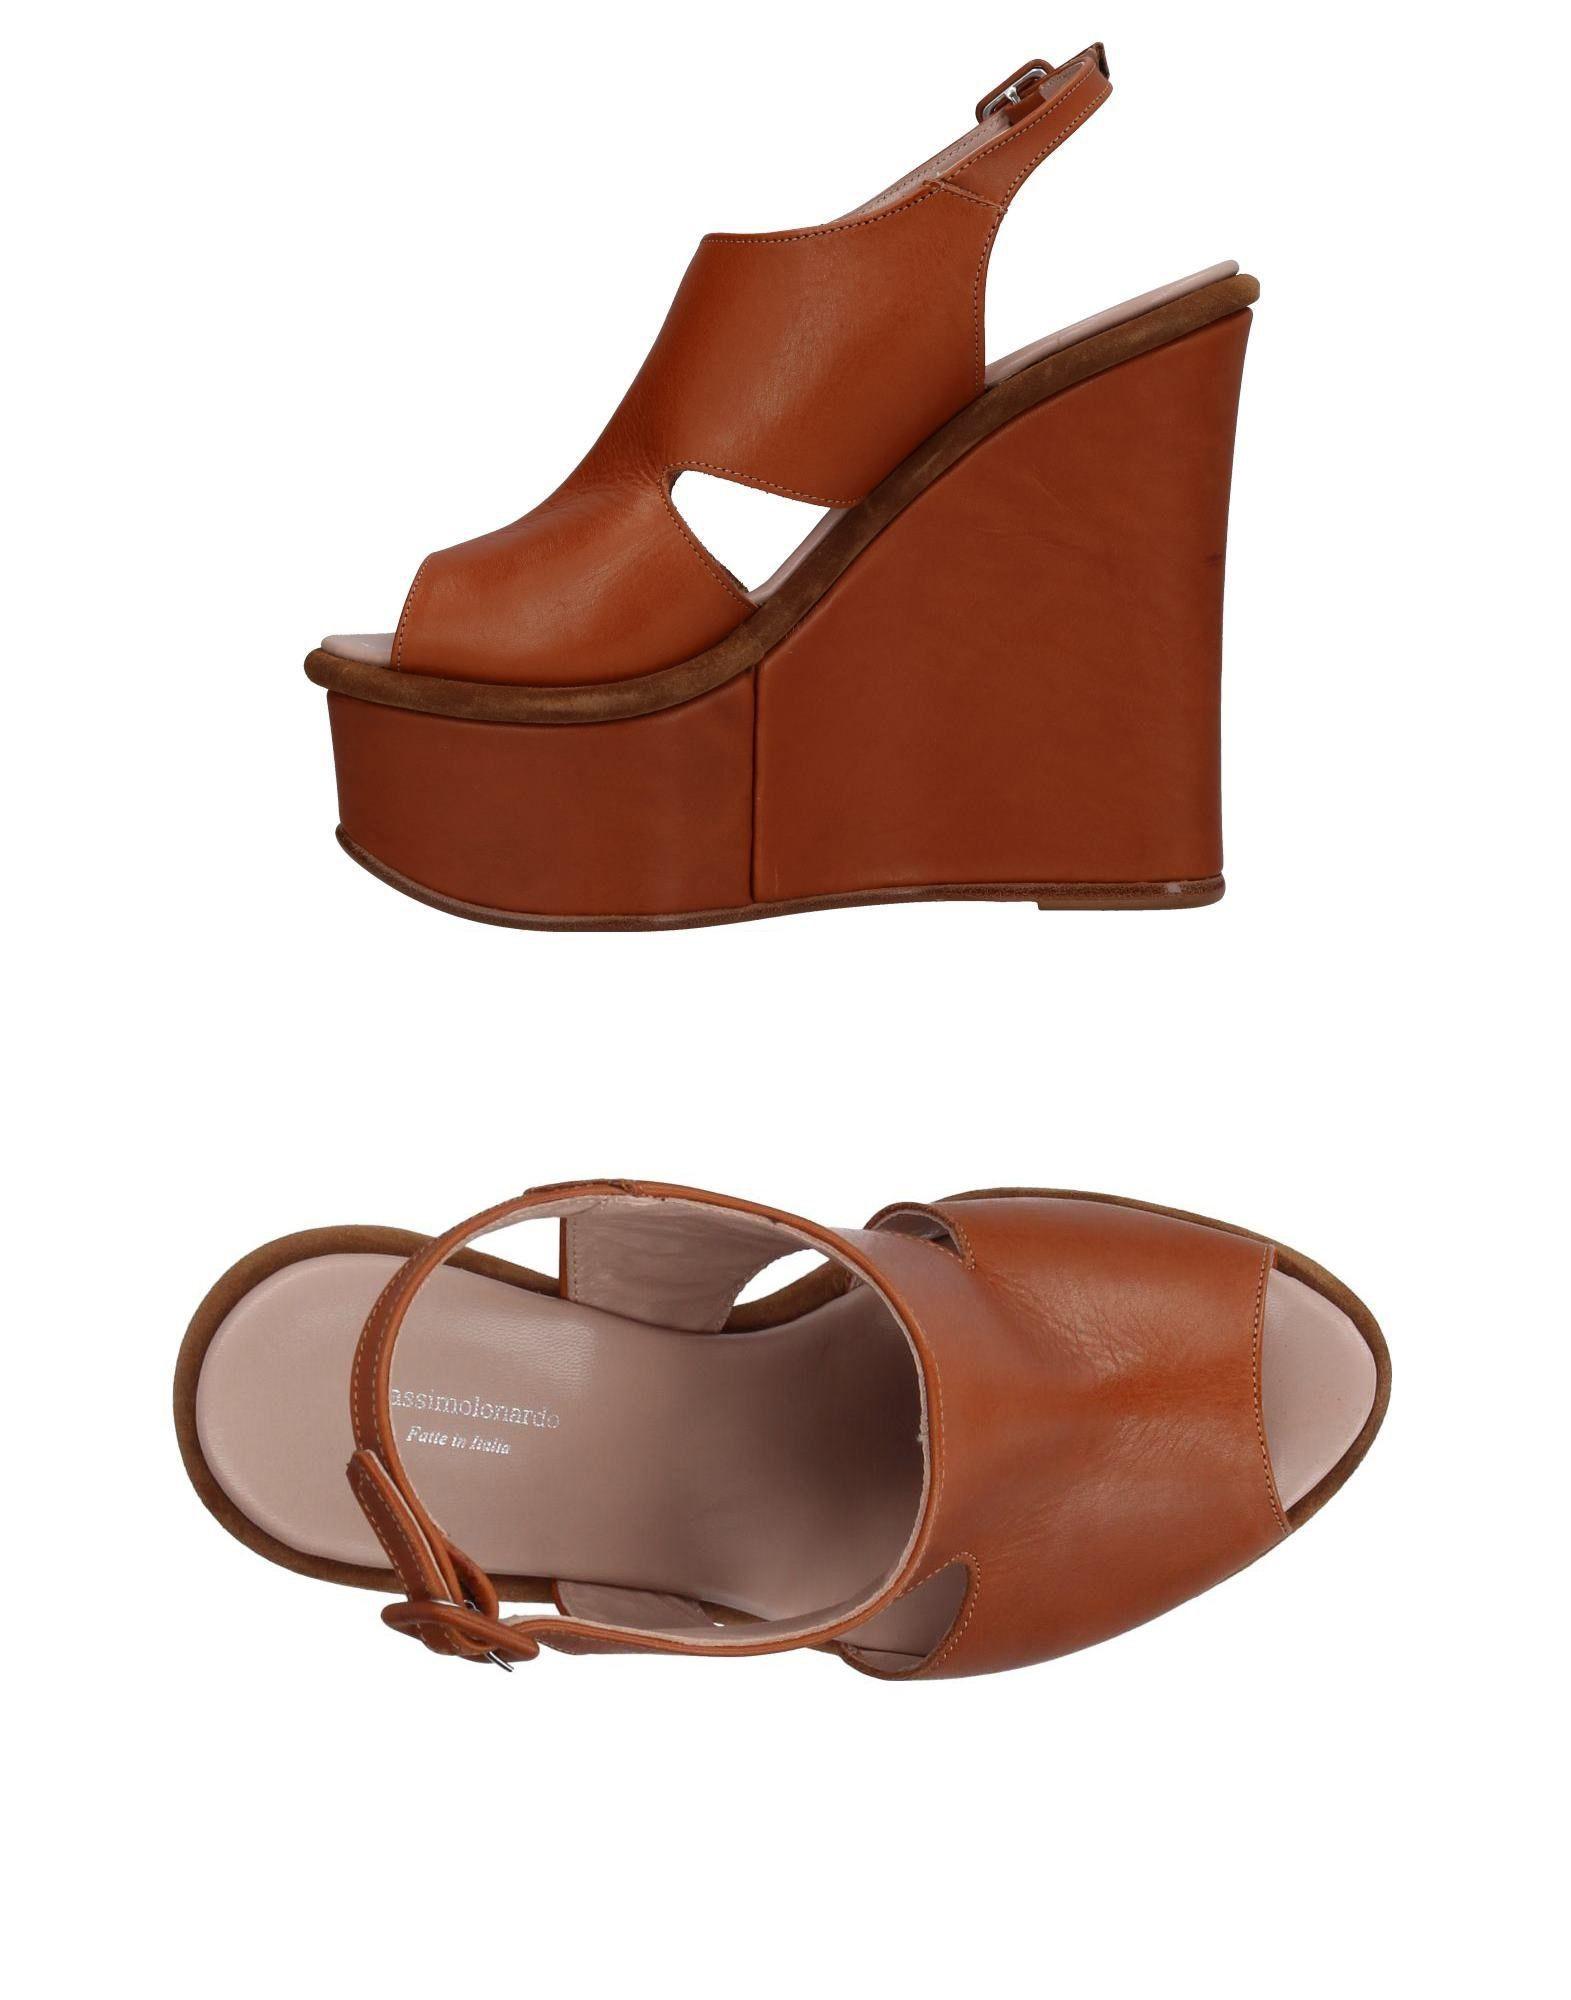 Gut Lonardo um billige Schuhe zu tragenMassimo Lonardo Gut Sandalen Damen  11390205DC bd06e0